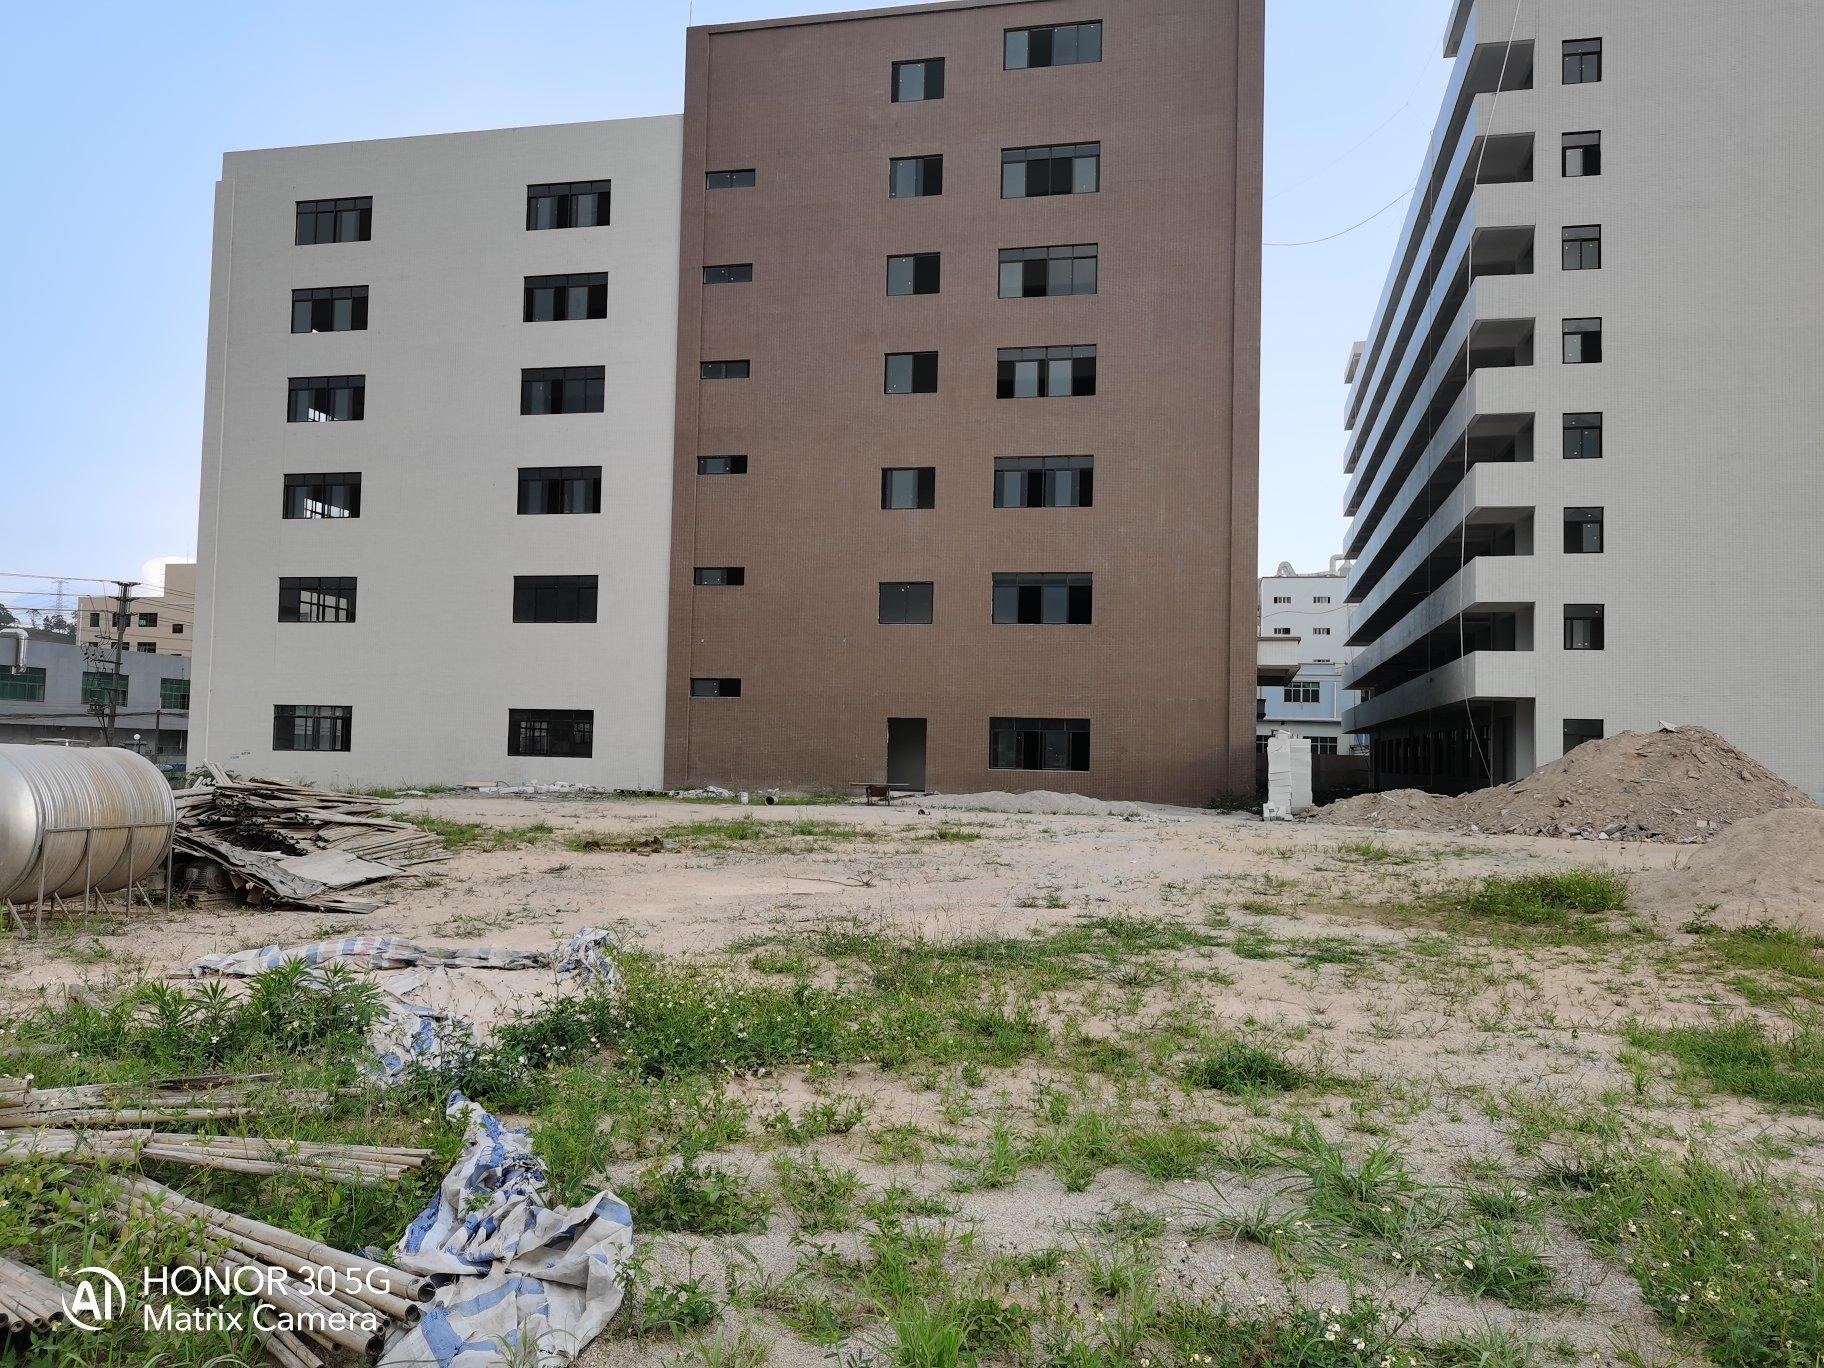 惠阳新圩南坑主干道边原房东全新标准厂房28600平出租